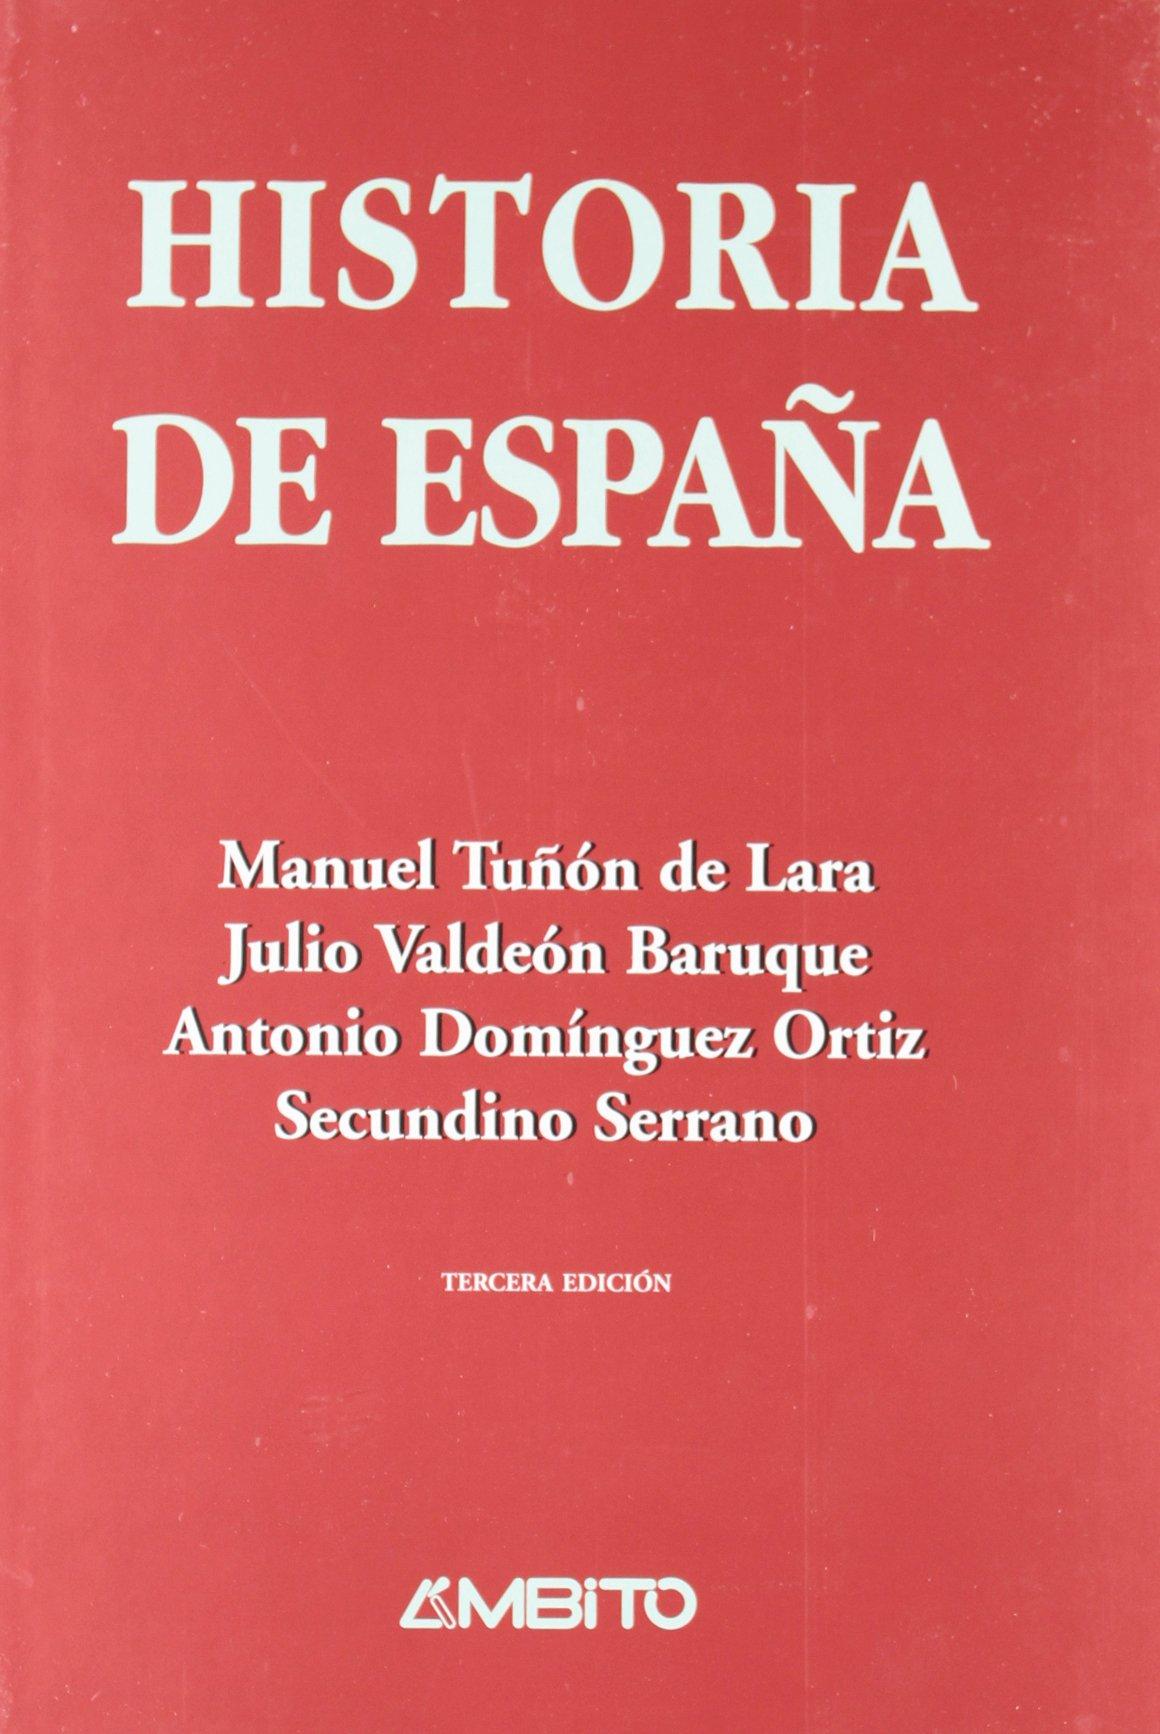 Historia De España: Amazon.es: Tuñon De Lara, Manuel, Valdeon Baruque, Julio: Libros